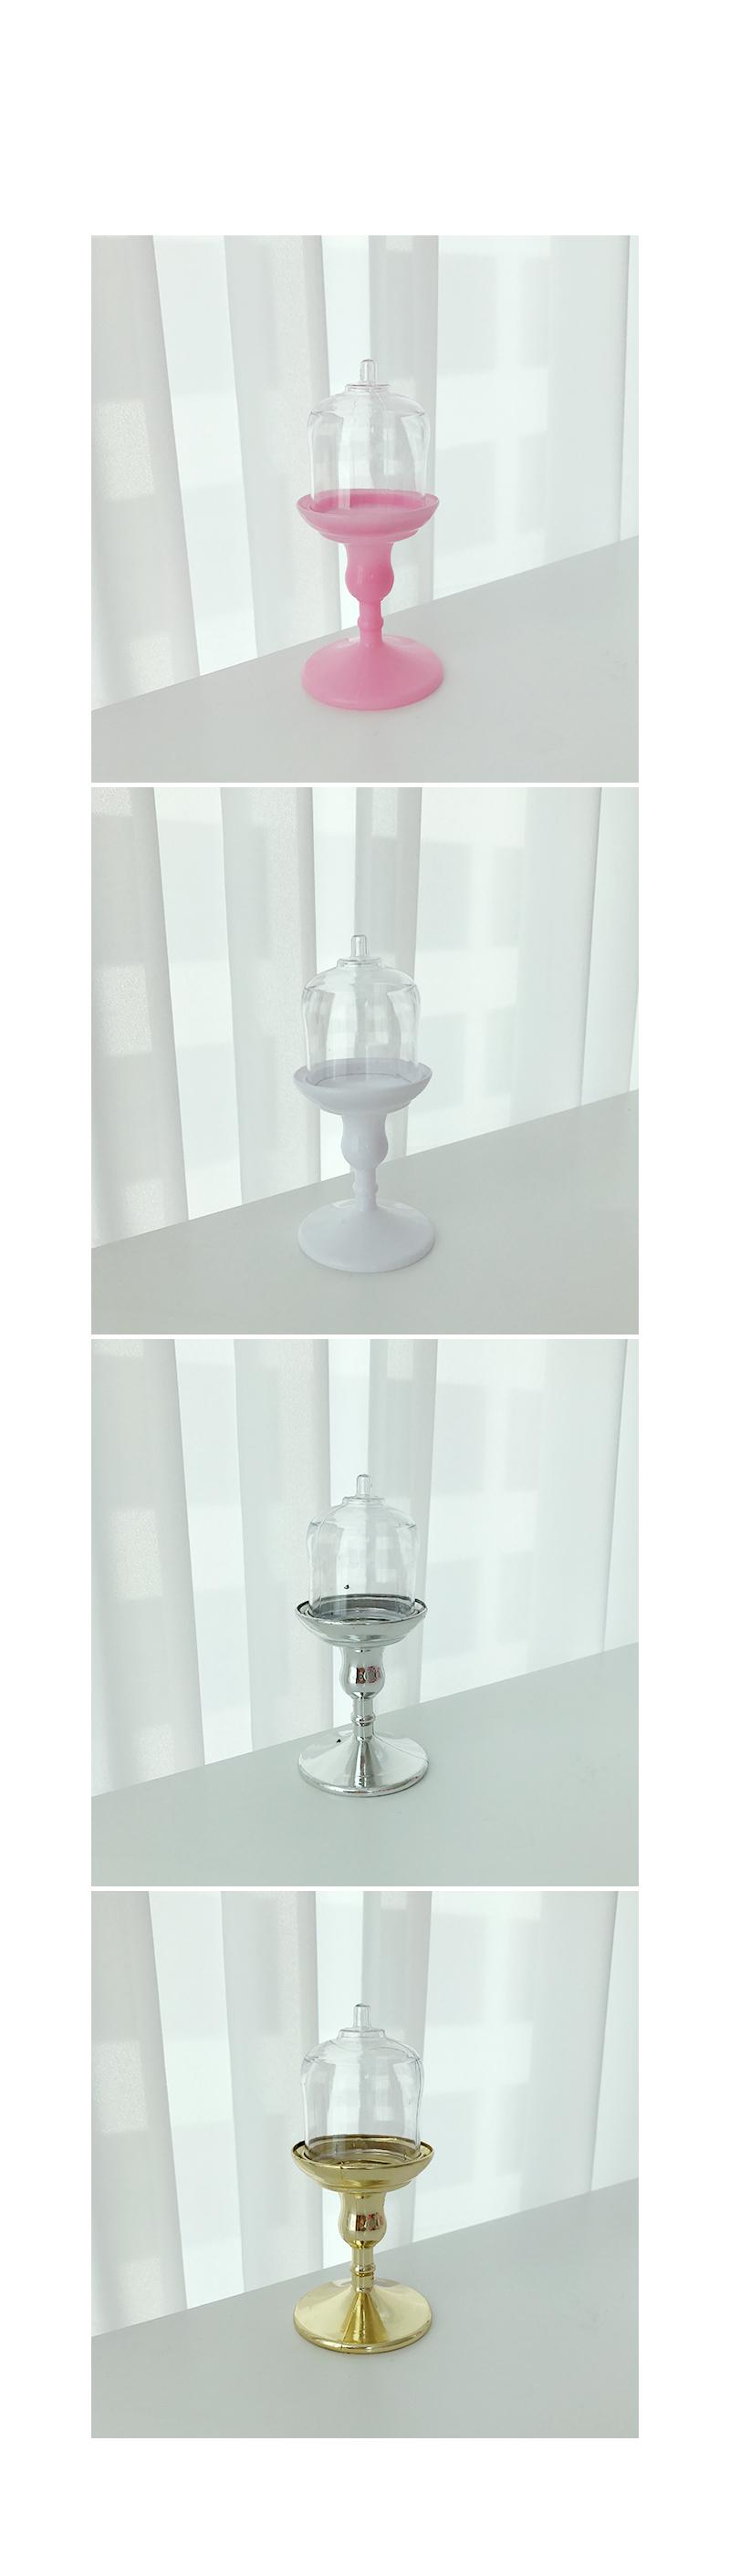 Mini Stand - 메종드알로하, 4,000원, 장식소품, 소품케이스